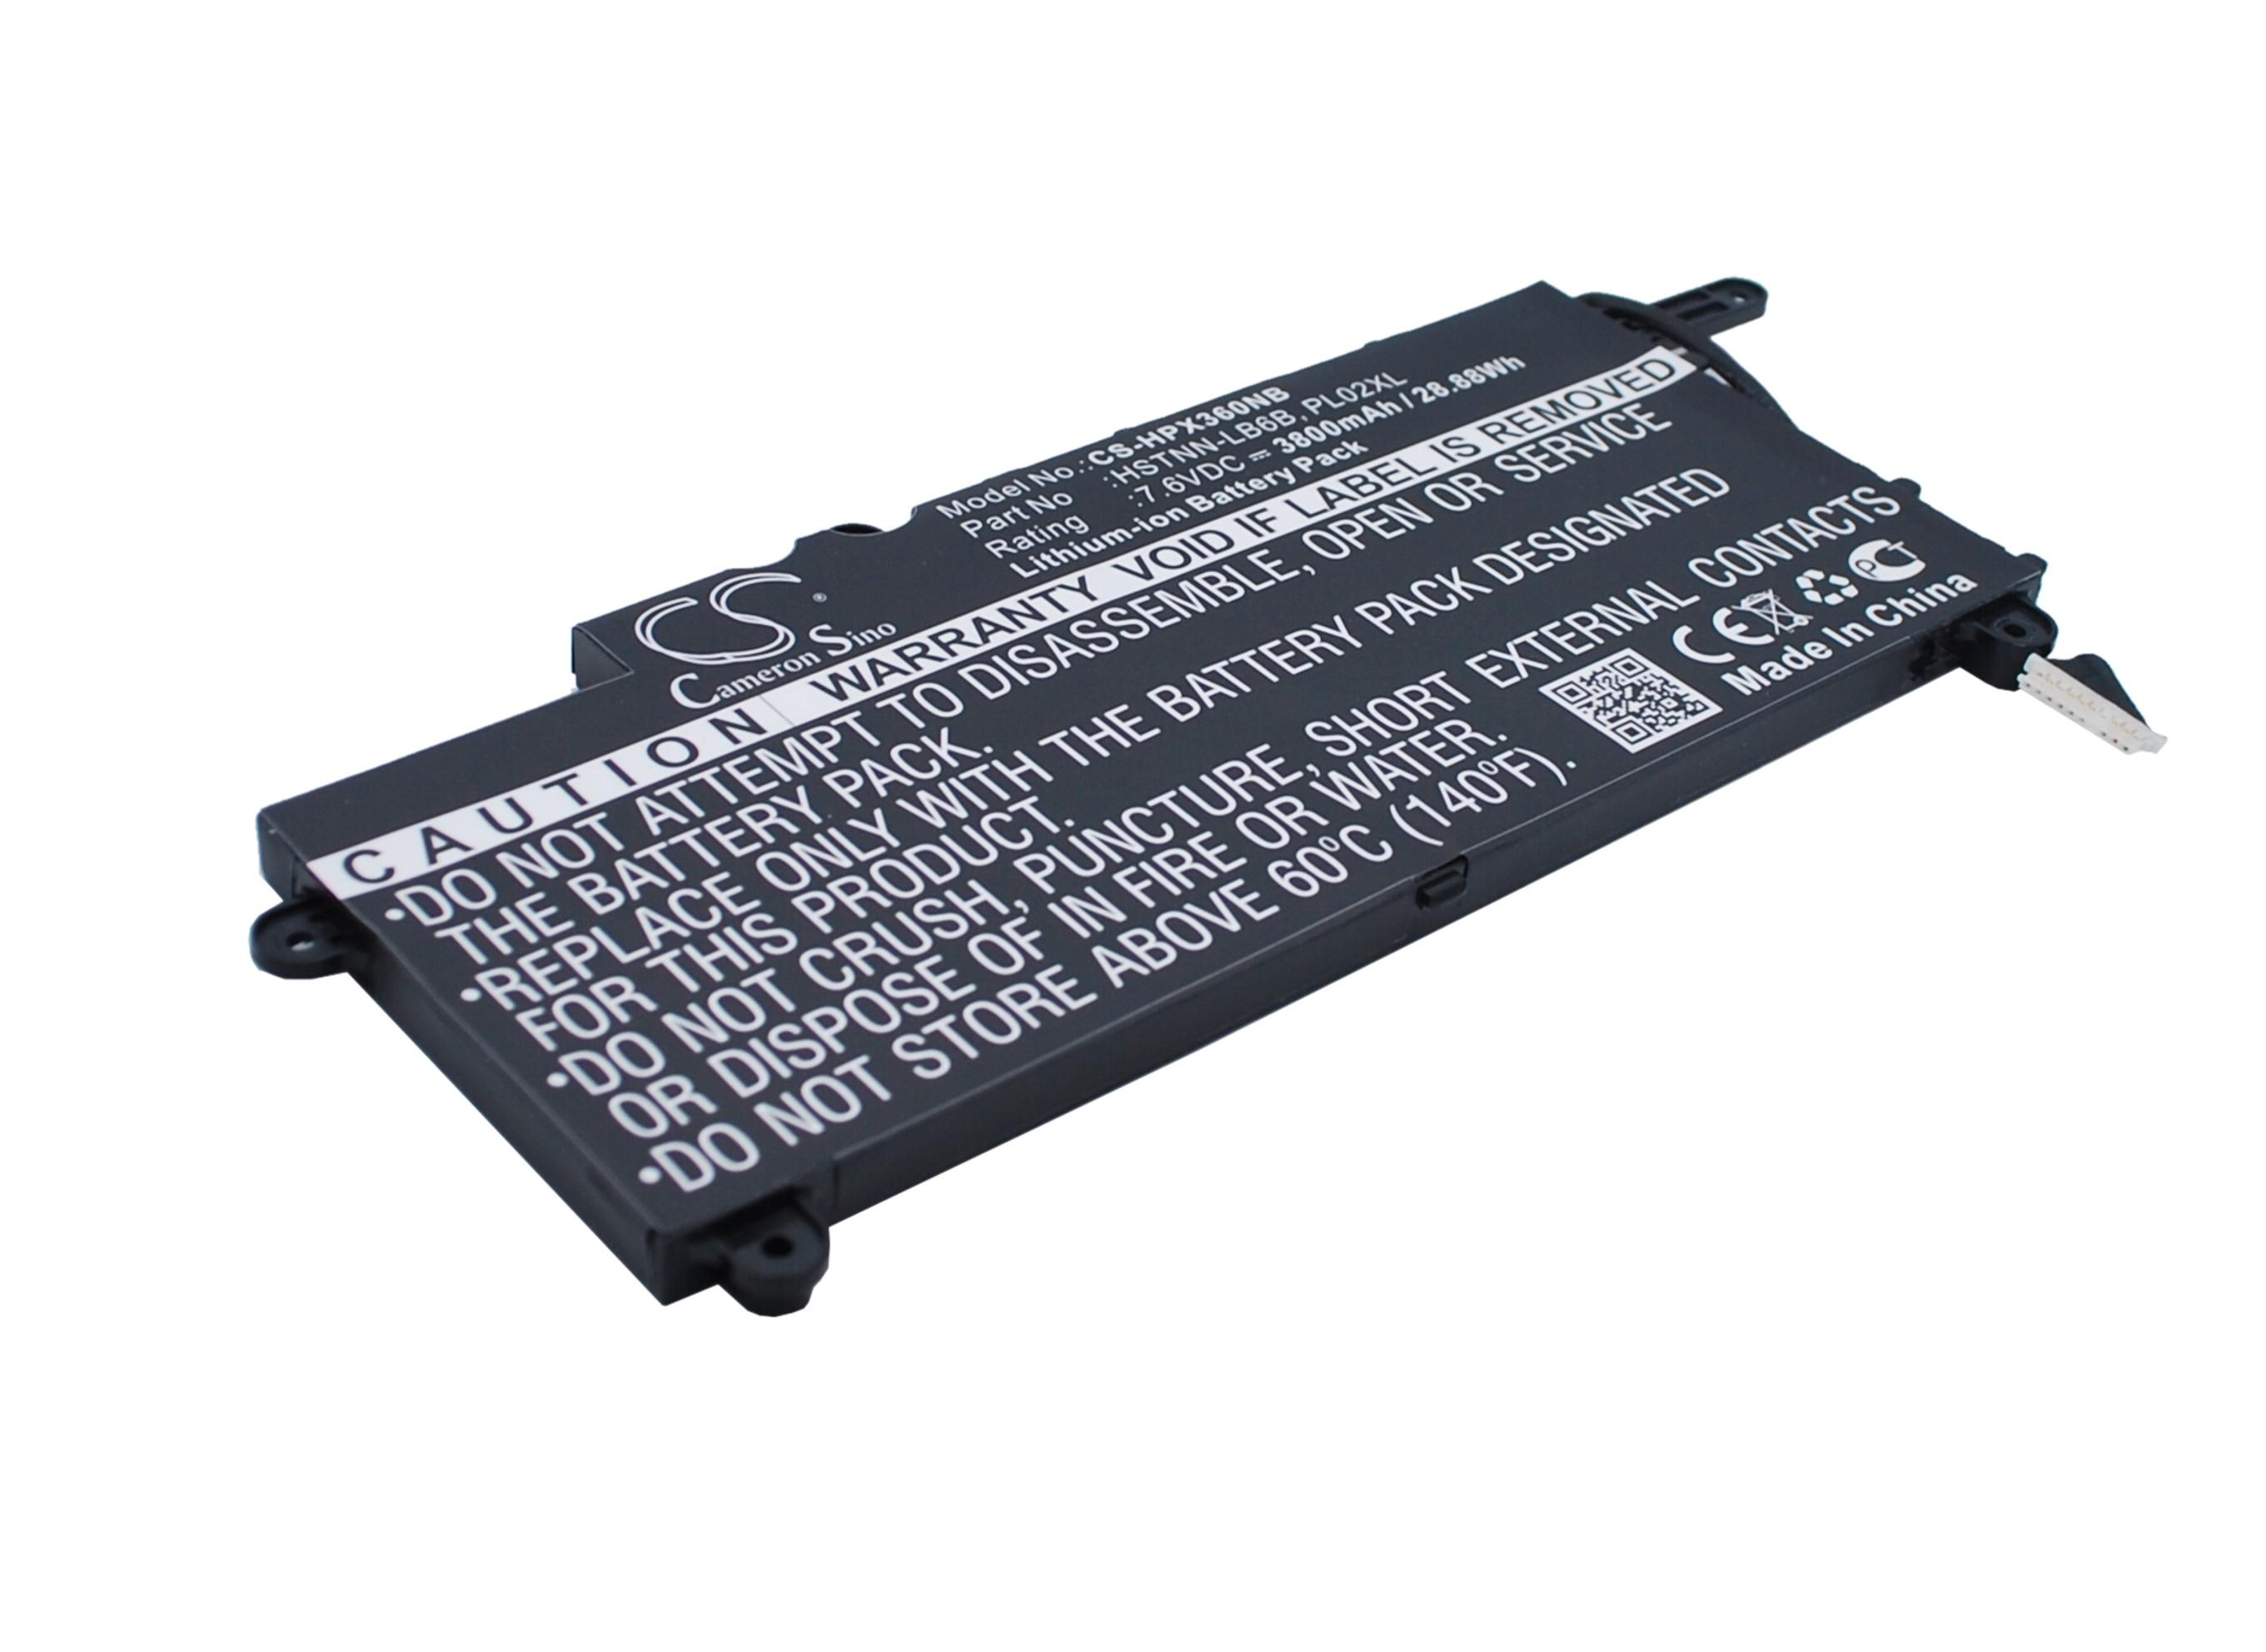 Cameron Sino baterie do notebooků pro HP Pavilion 11 X360 7.6V Li-ion 3800mAh černá - neoriginální